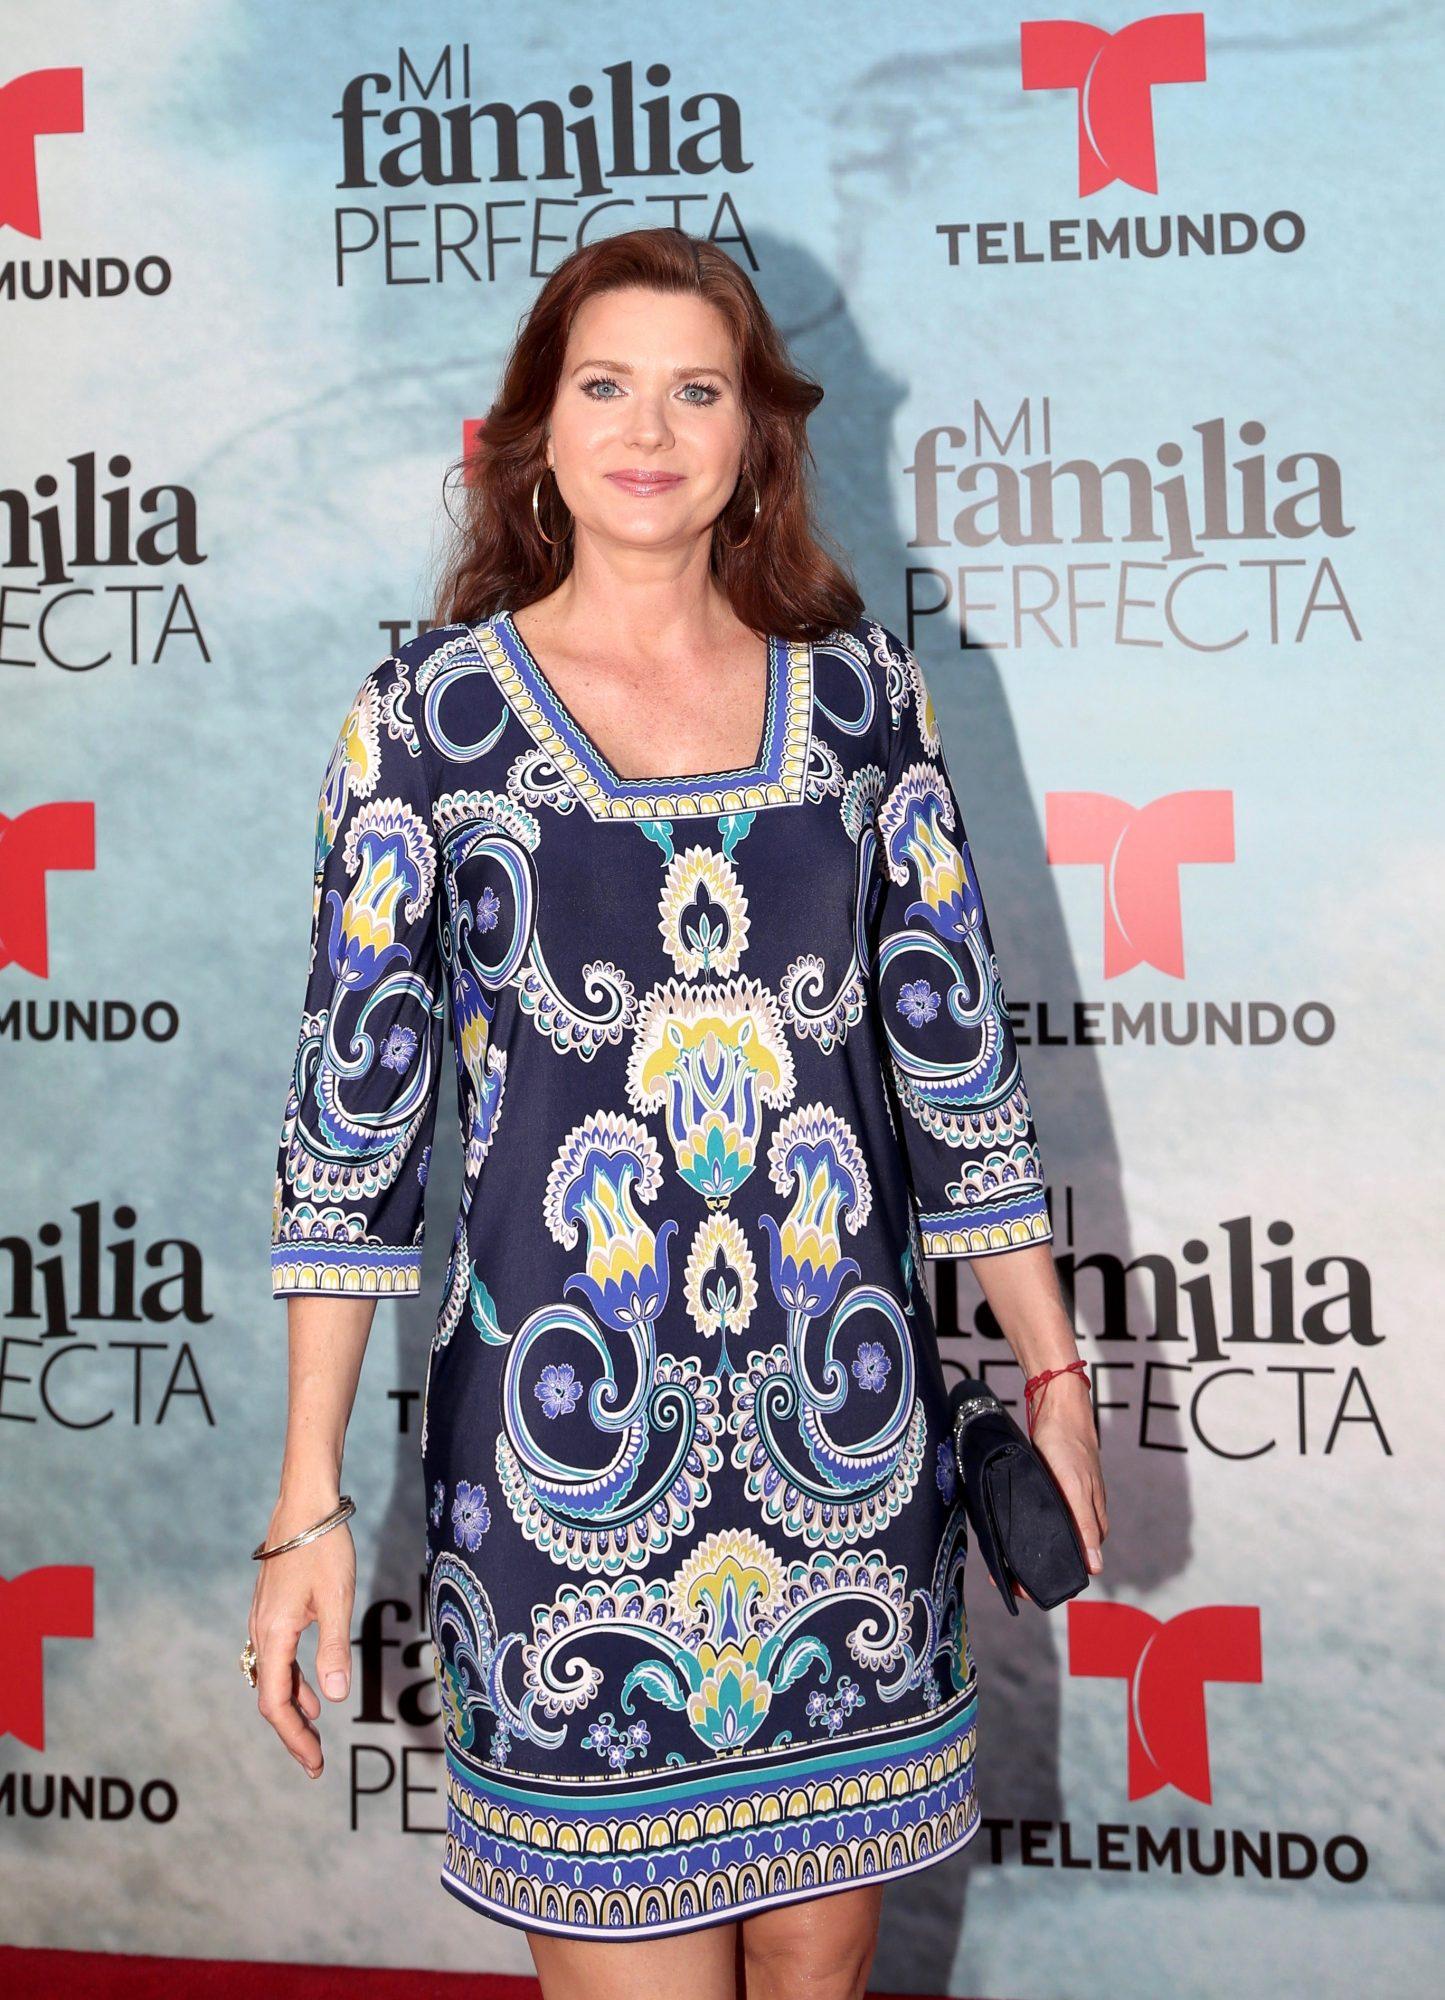 La actriz venezolana tiene más o menos la edad que tenía Victoria Ruffo cuando protagonizó la exitosa telenovela de Telemundo.